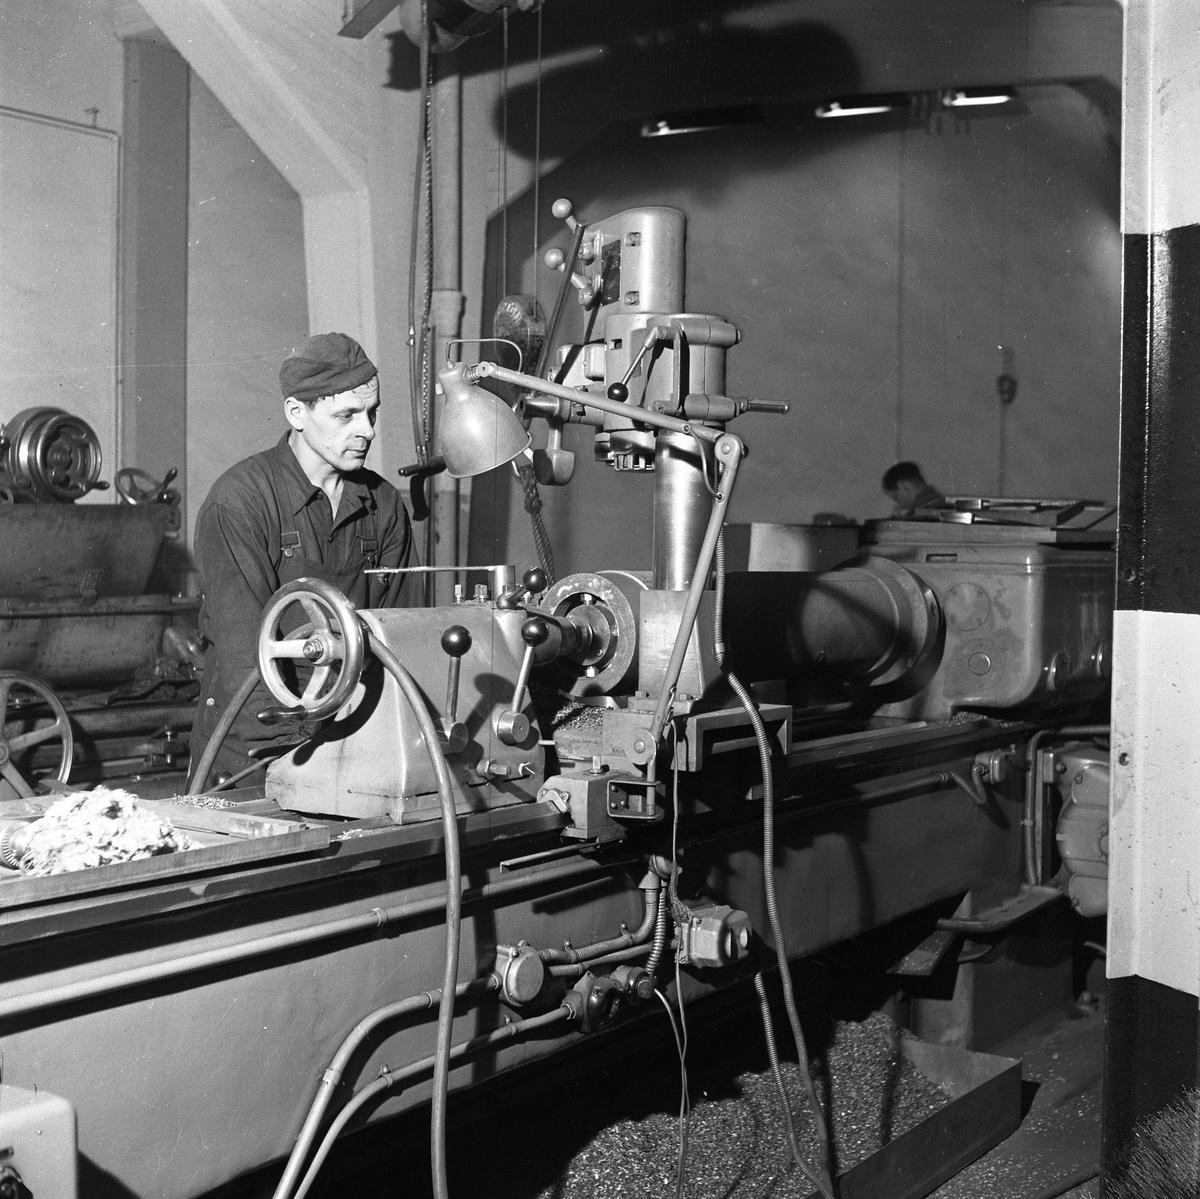 Arboga Maskiner, interiör En man arbetar vid en maskin, kanske en svarv, i en fabrikslokal. En annan man skymtar i bakgrunden. Företaget arbetar med borr- och slipmaskiner. Bilden är tagen i samband med att Arboga Maskiner firar 25-årsjubileum.  Läs om Arboga Maskiner i Reinhold Carlssons bok Arboga objektivt sett.